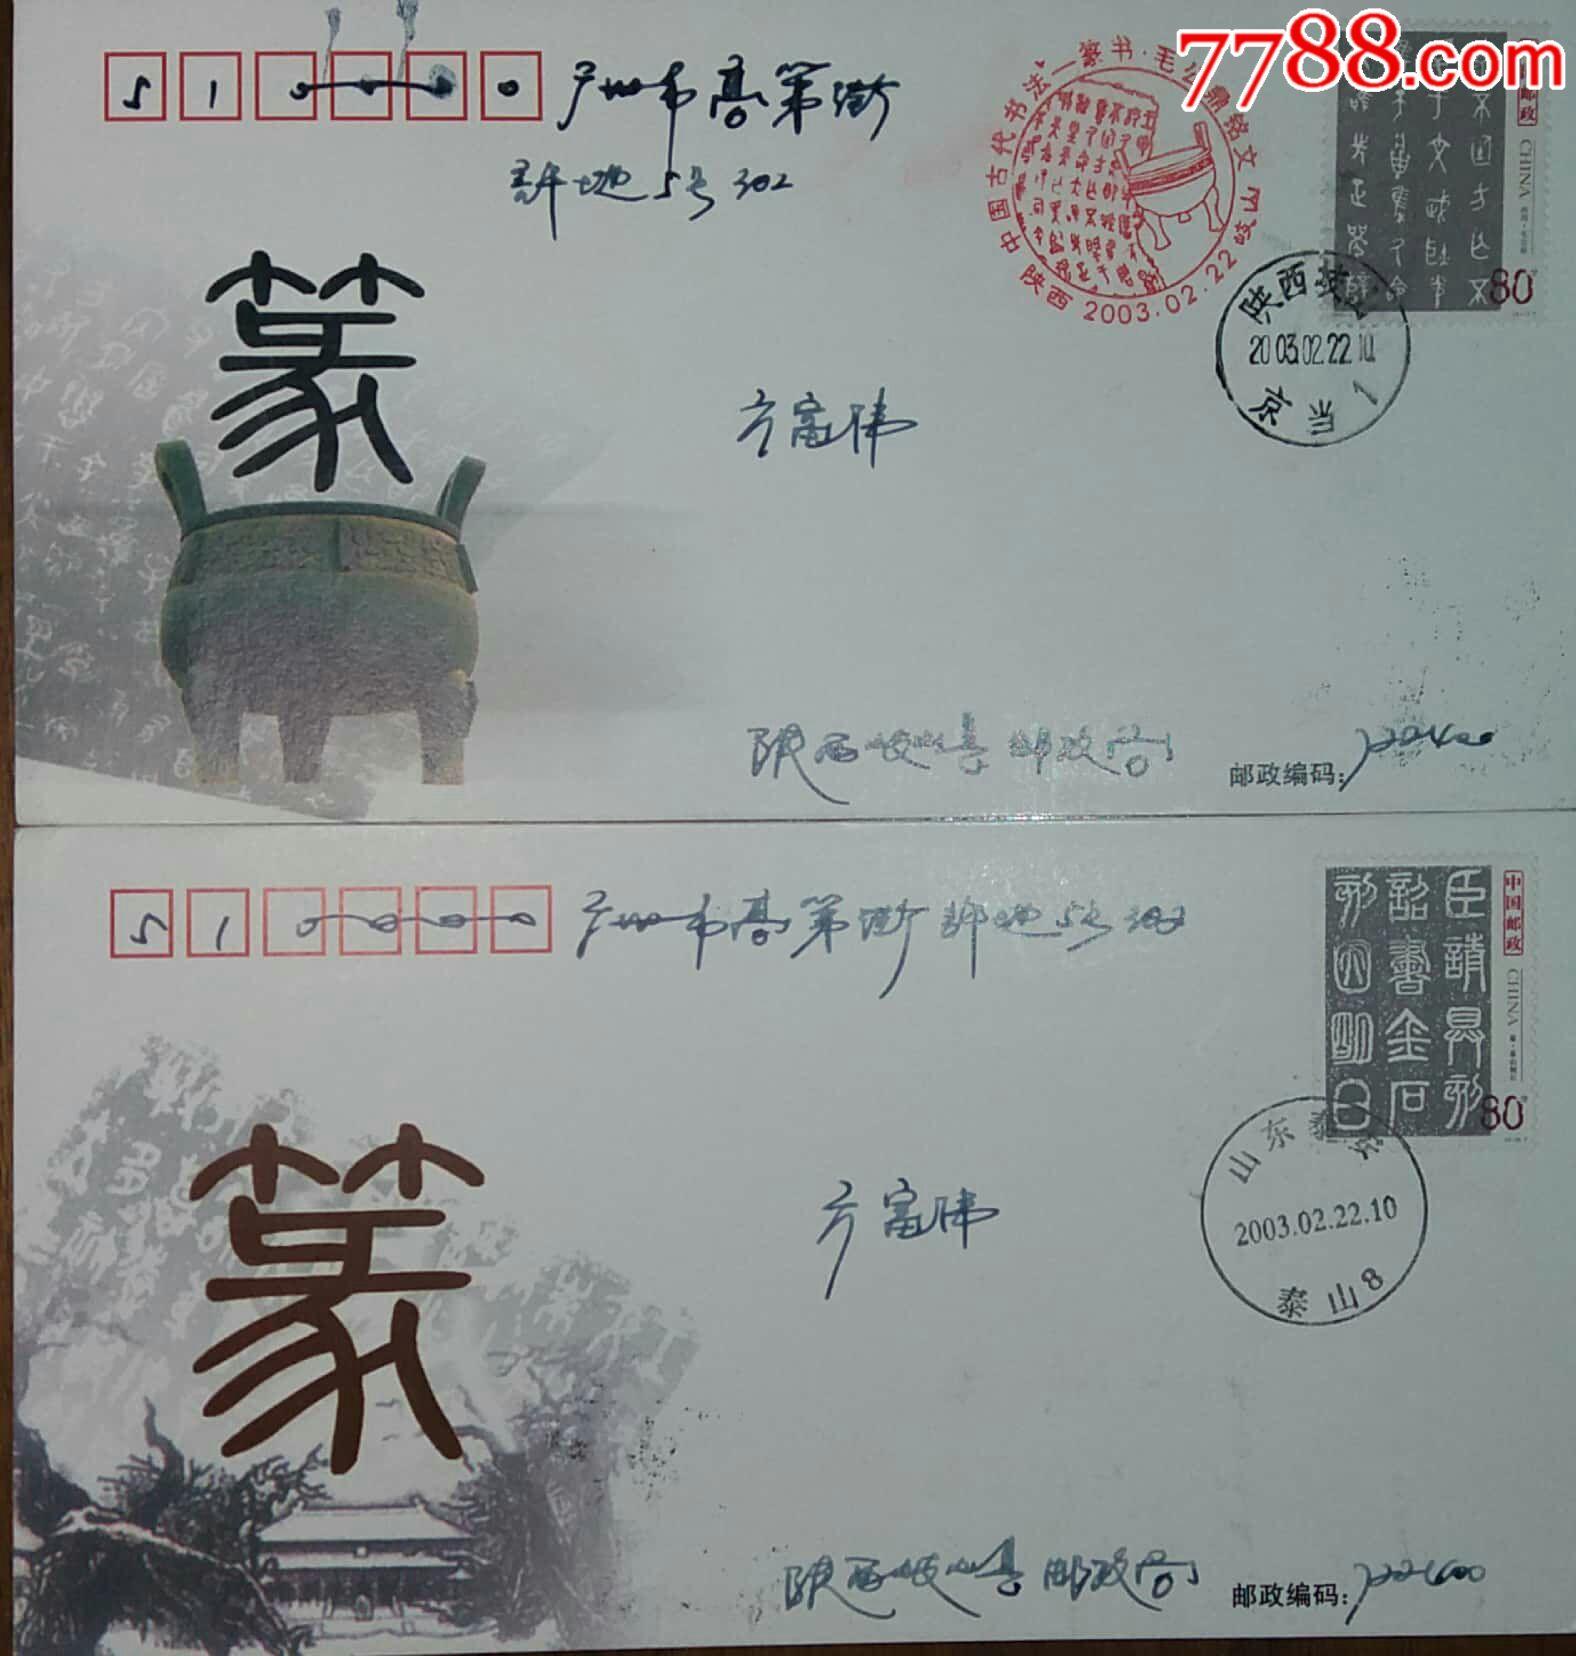 【1元起拍】2003-3《中��古代��法―篆��》�西岐山、山�|泰安原地首日��寄(au21621466)_